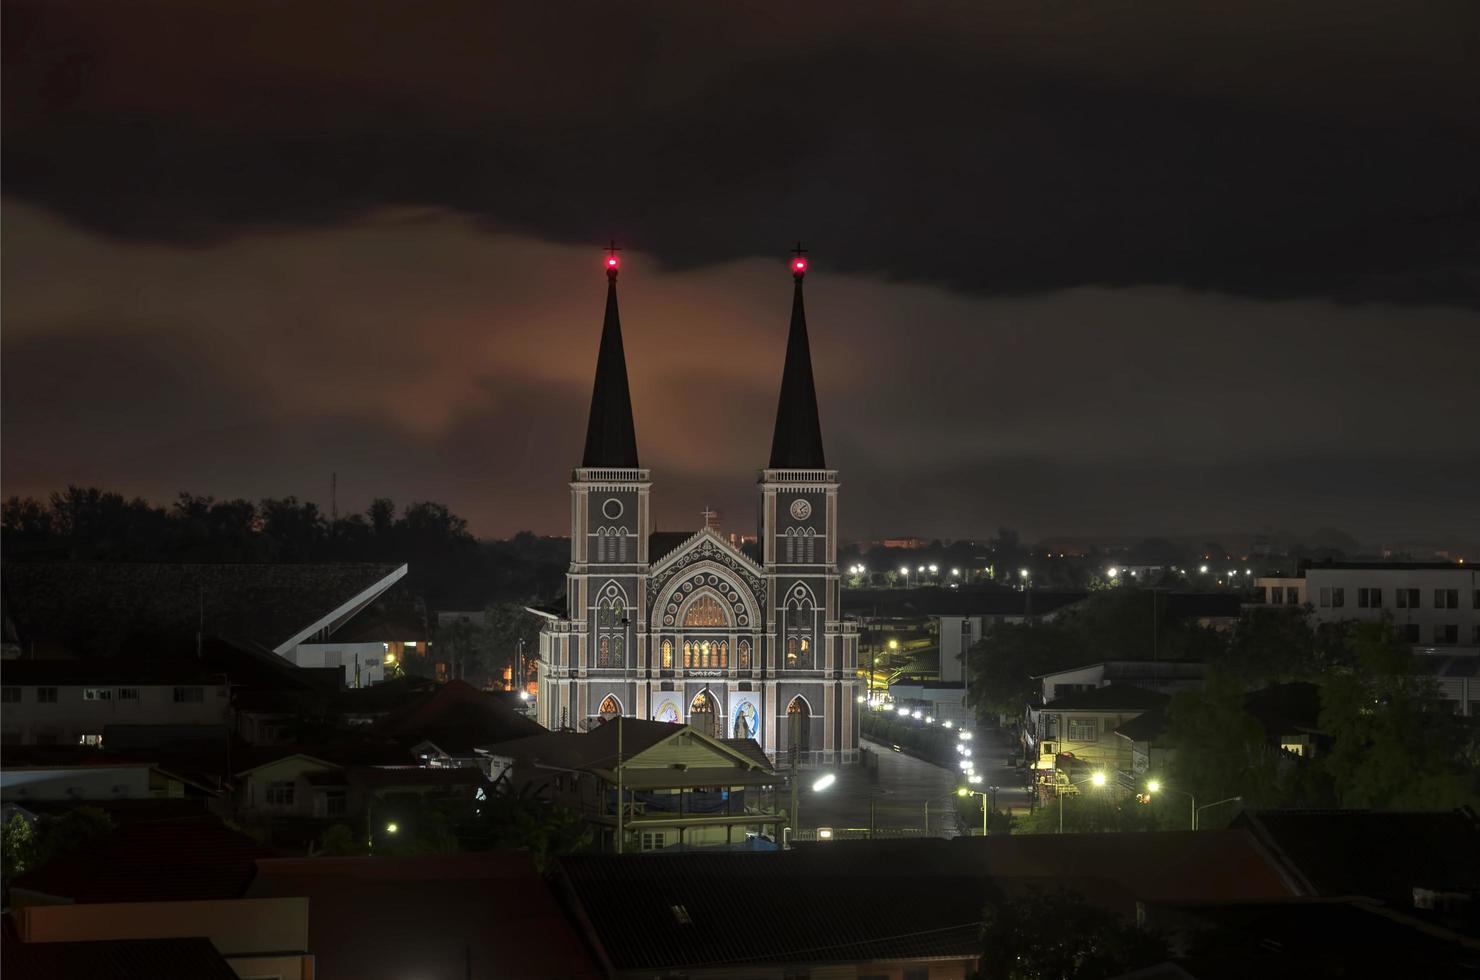 chiesa cattolica di notte in Thailandia foto